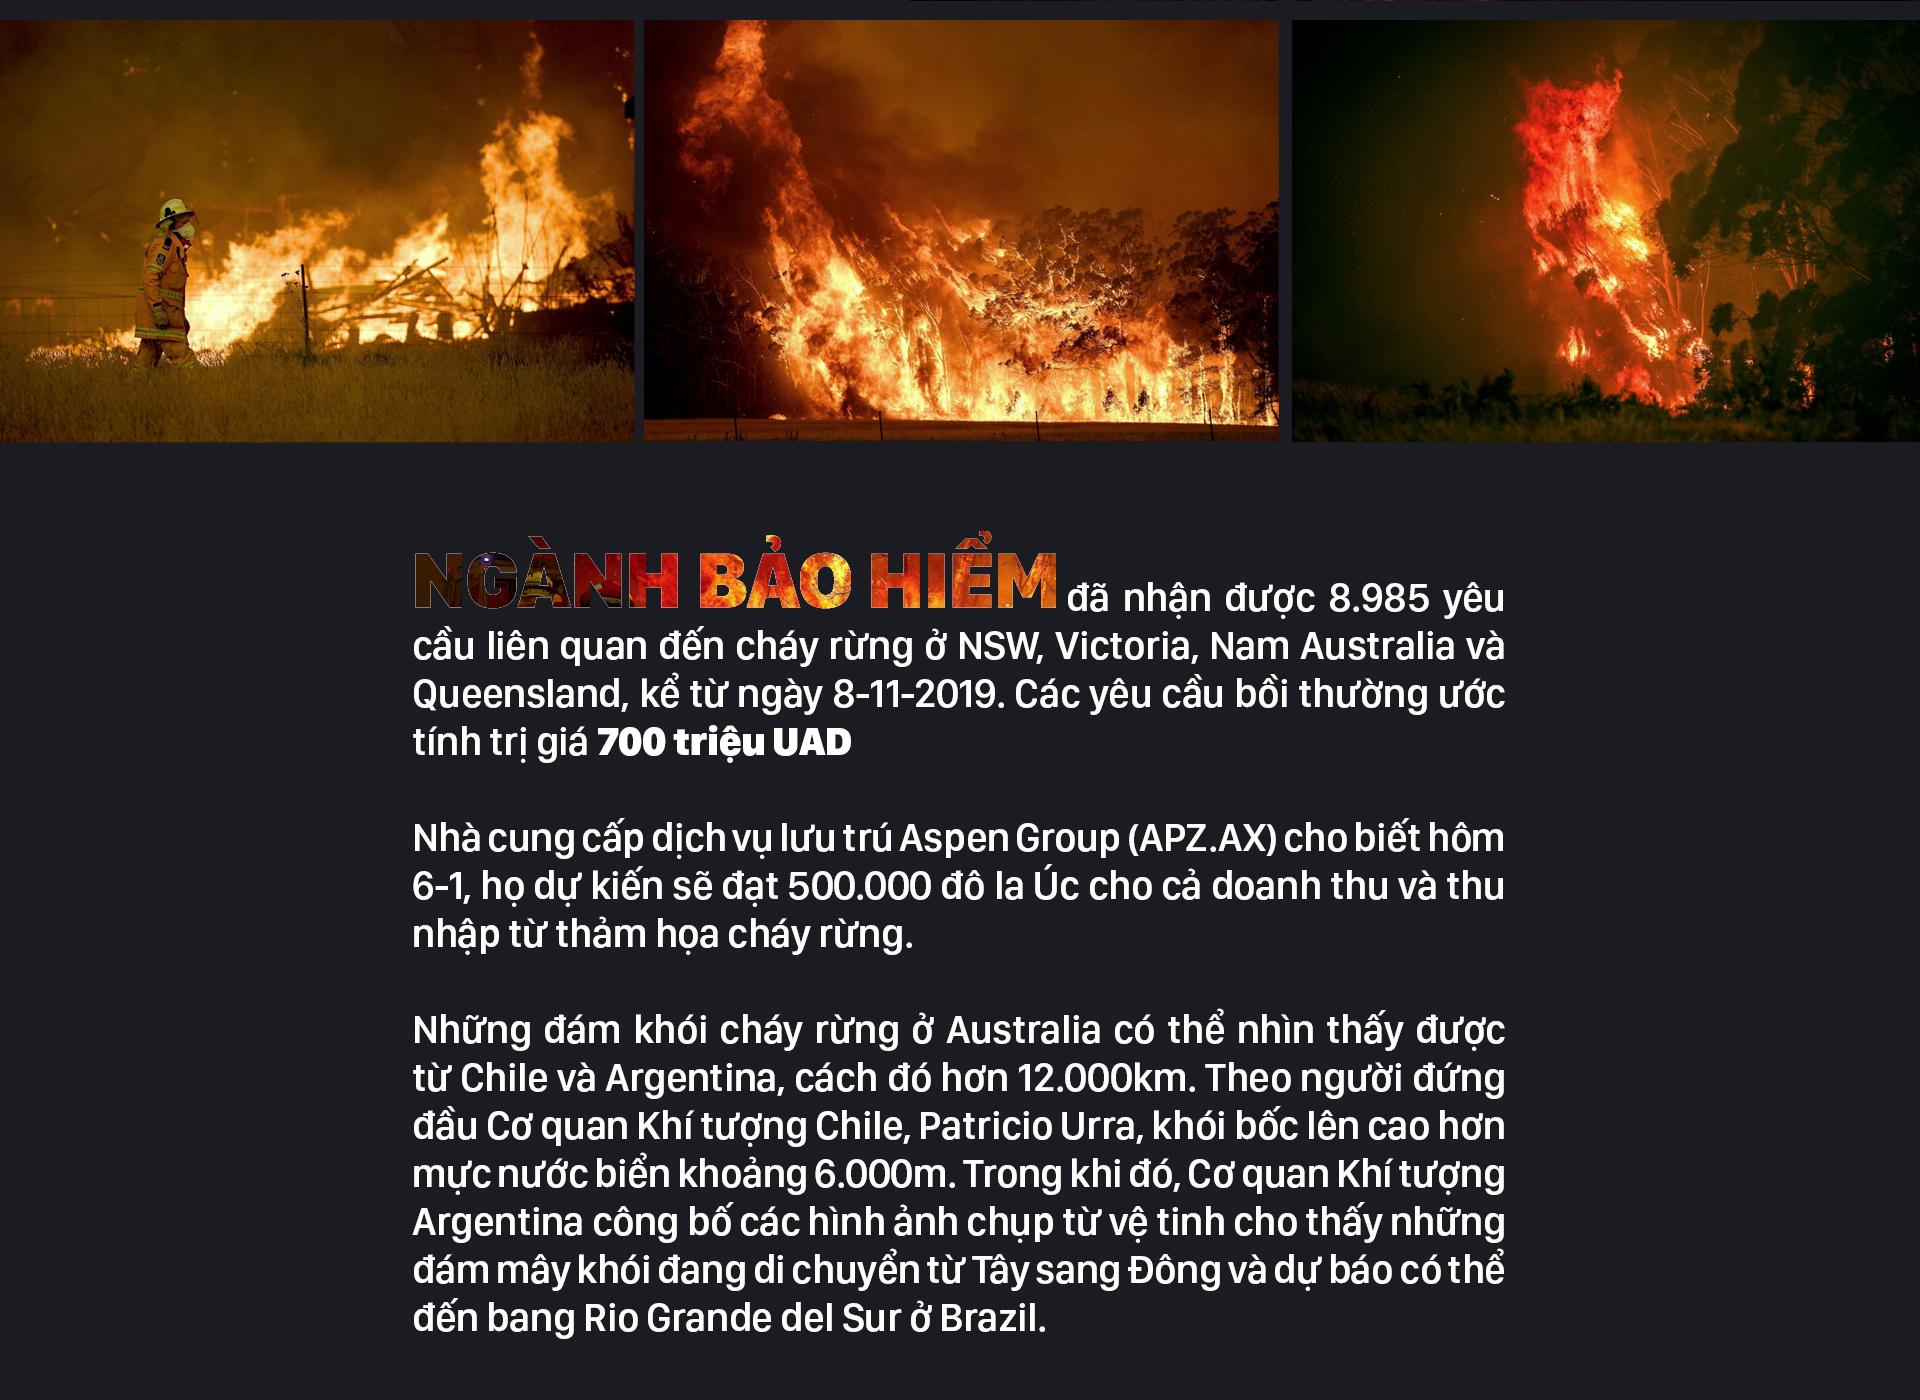 Australia 'oằn lưng' chống chọi thảm họa cháy rừng ảnh 13